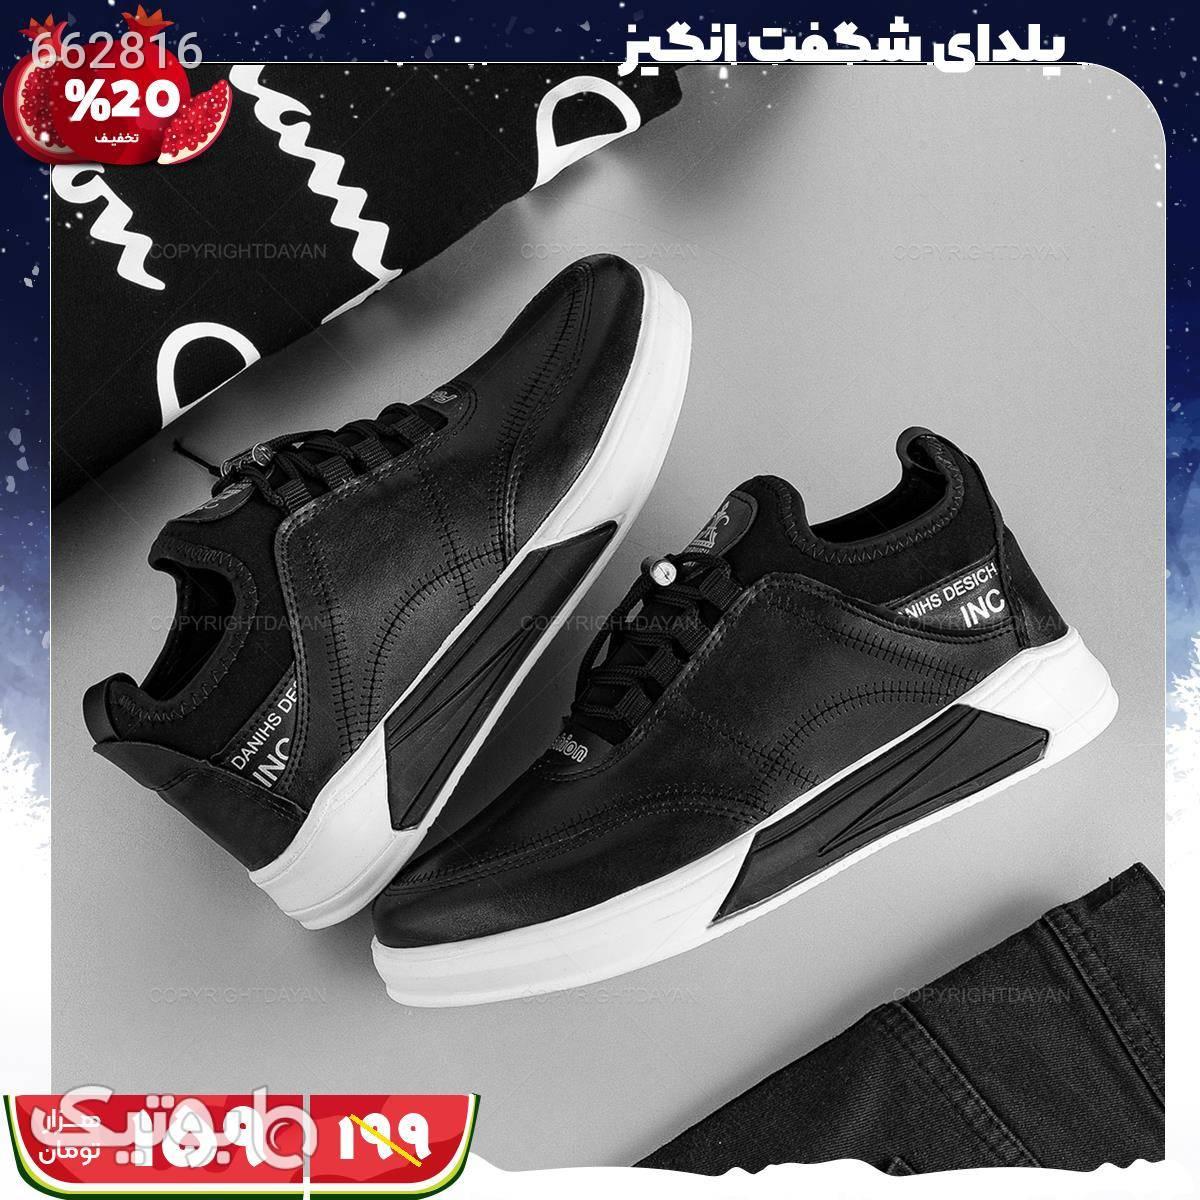 کفش مردانه Fashion مدل 17631 مشکی كتانی مردانه